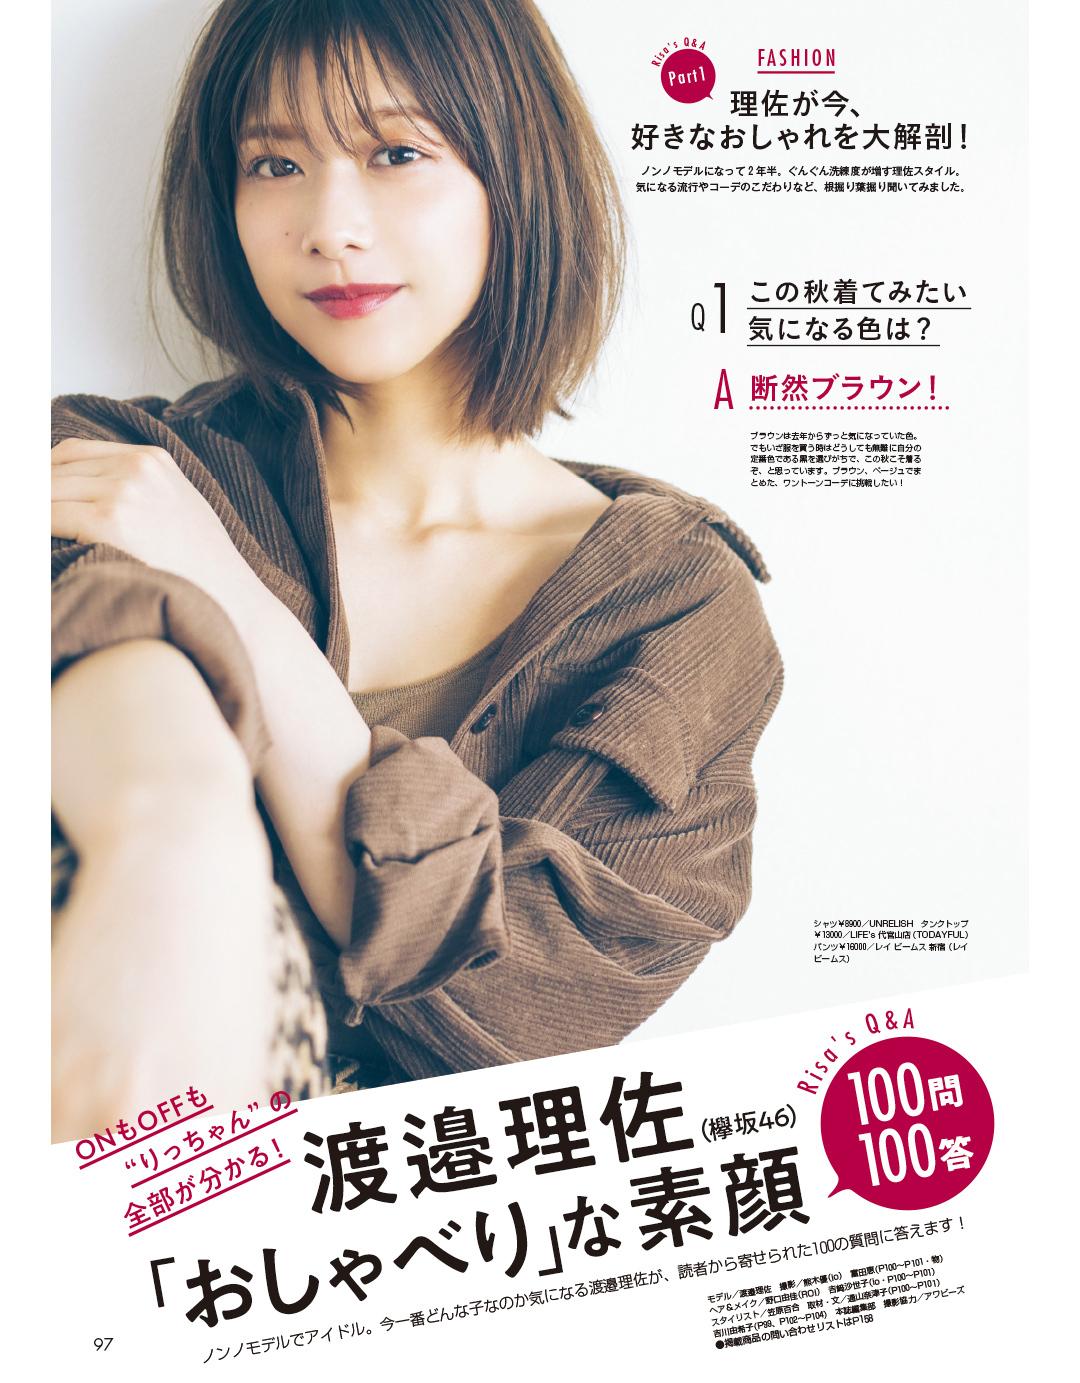 渡邉理佐(欅坂46)「おしゃべり」な素顔 100問100答